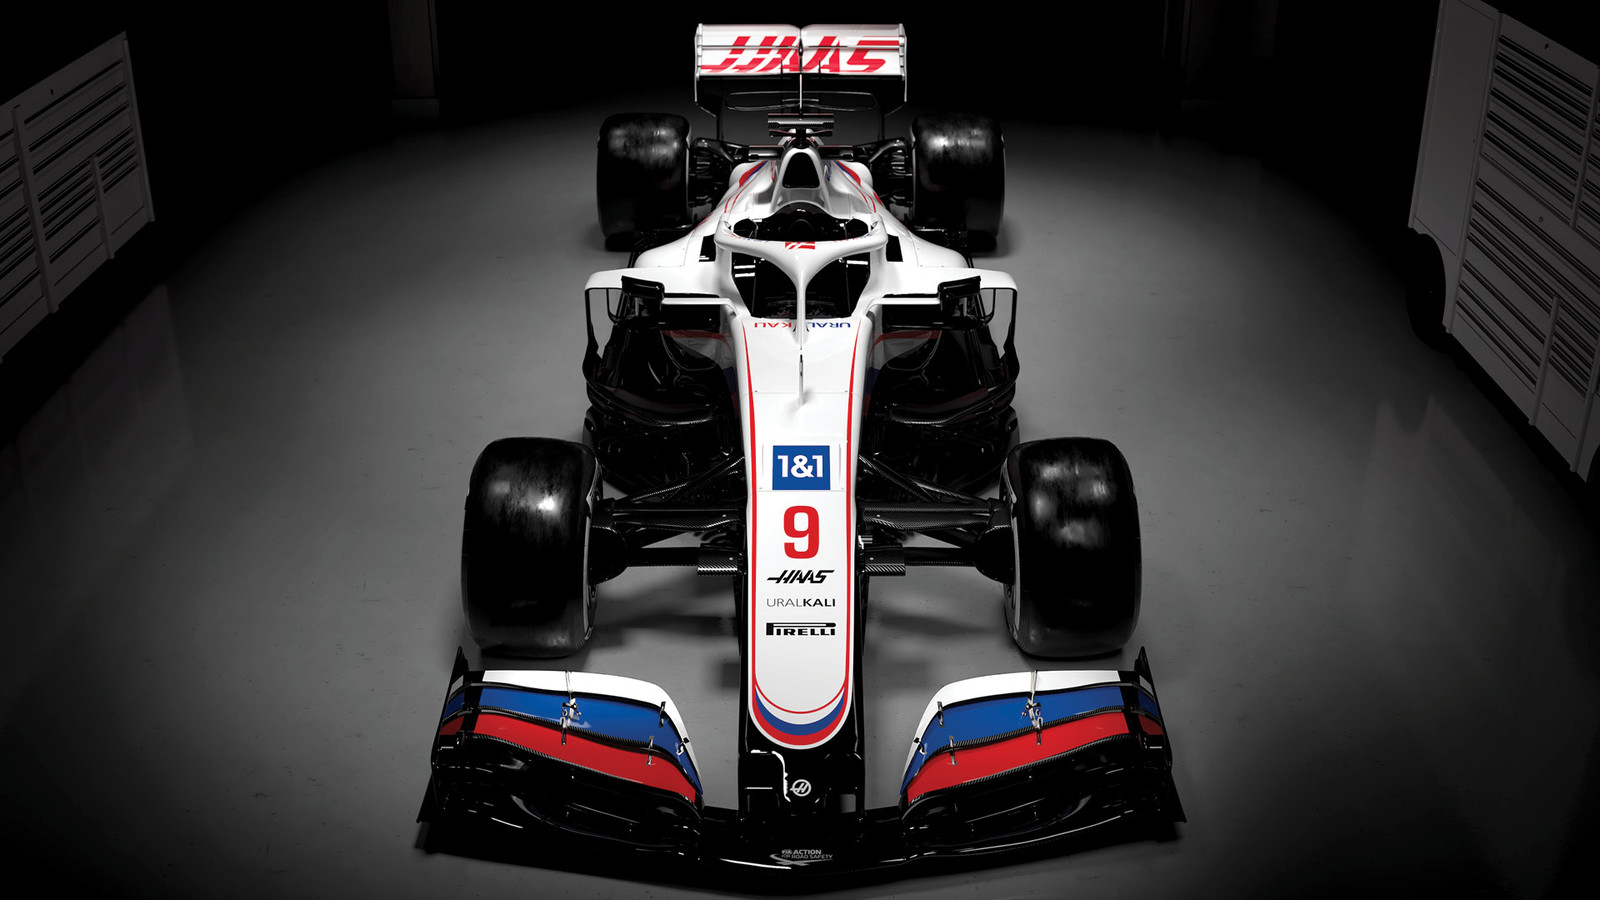 De nieuwe F1-auto van Haas.